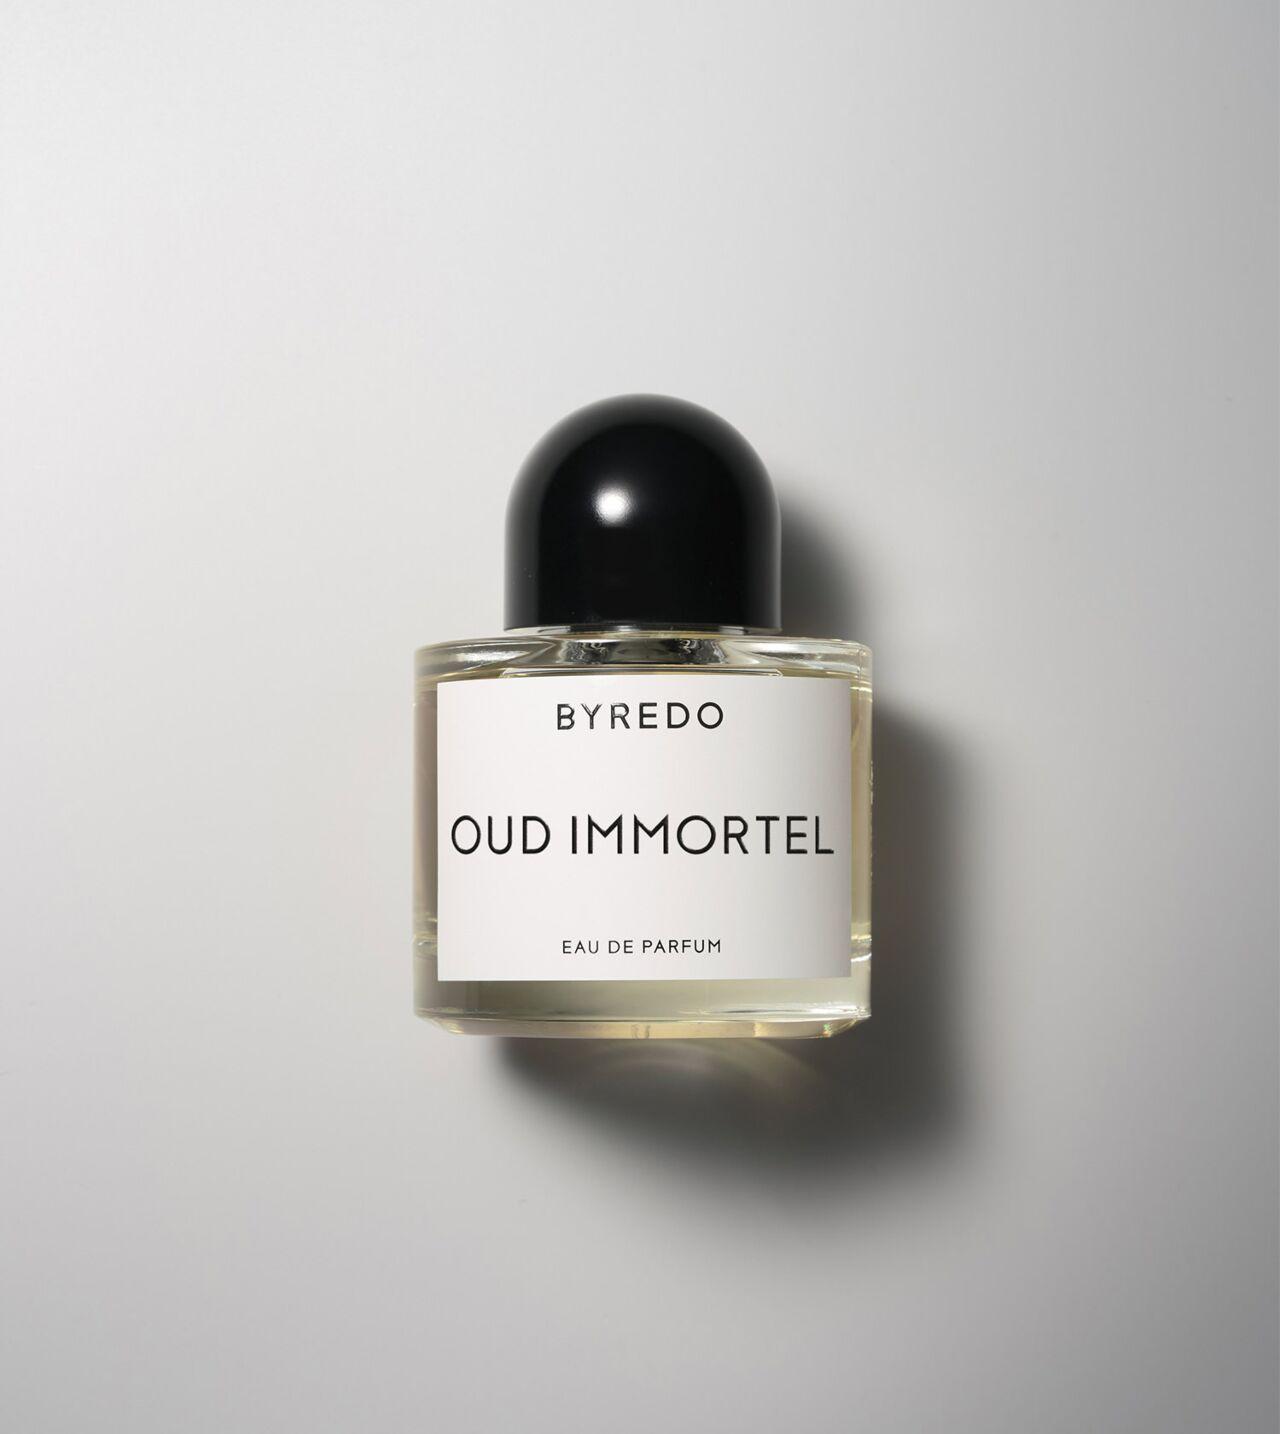 Picture of Byredo Oud Immortel Eau de Parfum 50ml